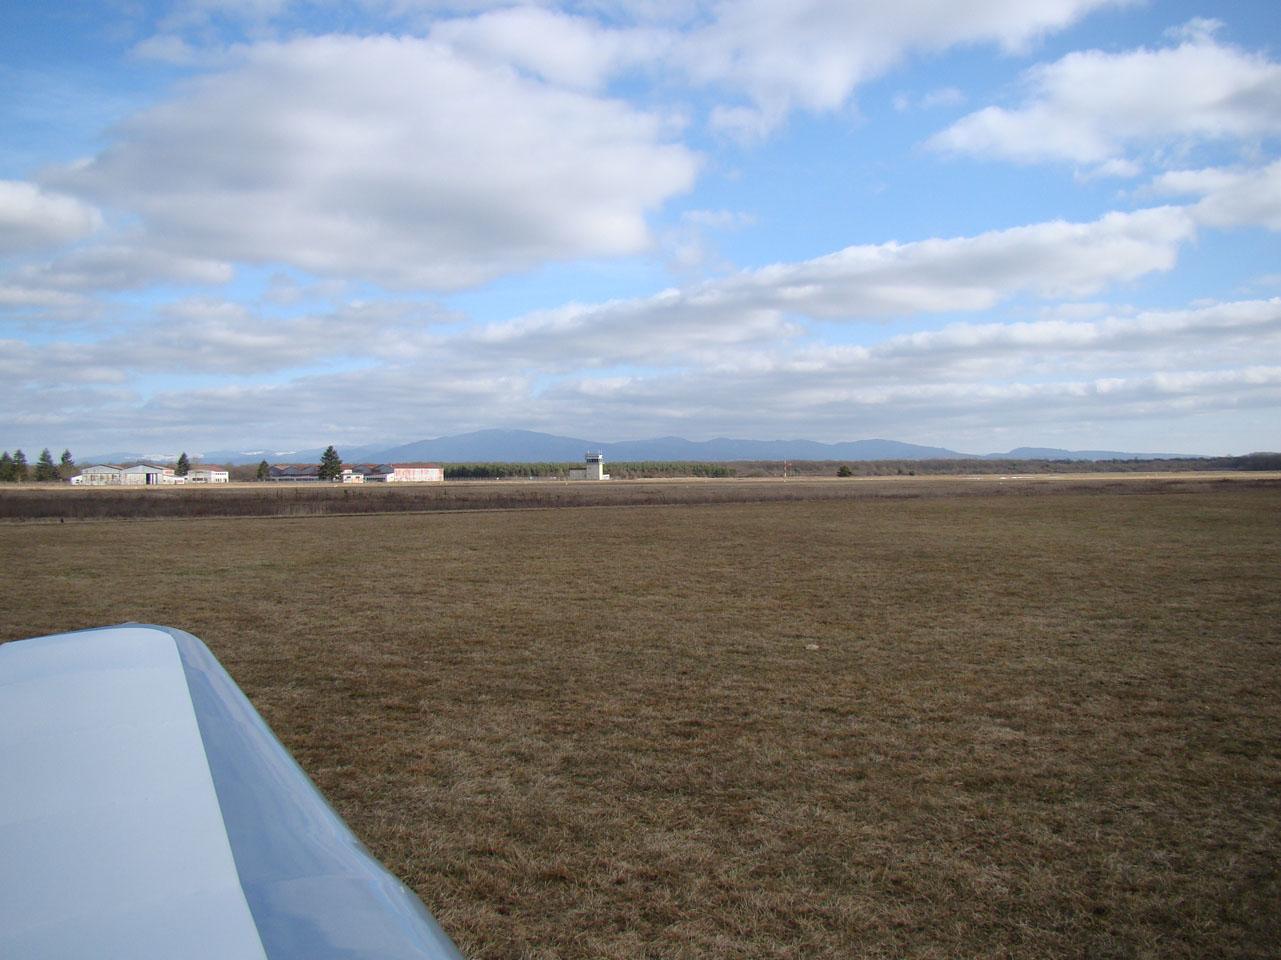 Une petite vue de l'aérodrome d'Habsheim avant mon départ... et dire que les nuages étaient encore presque totalement soudés à mon arrivée !